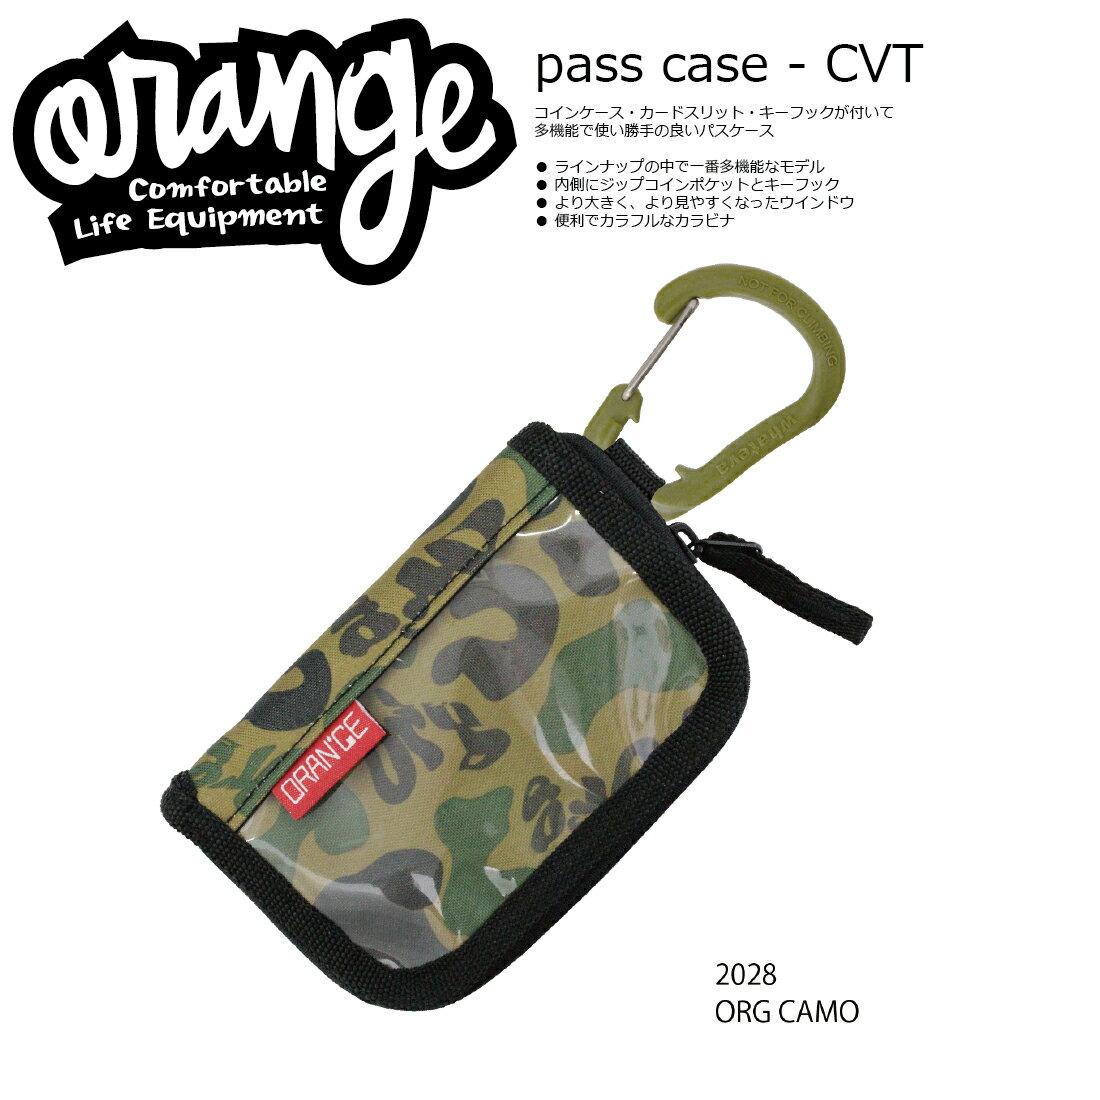 Oran'ge Pass-Case CVT カラビナ付 2028 ORG CAMO オレンジ パスケース 横タイプ シーブイティー 収納ポケット付 2017 2017-18